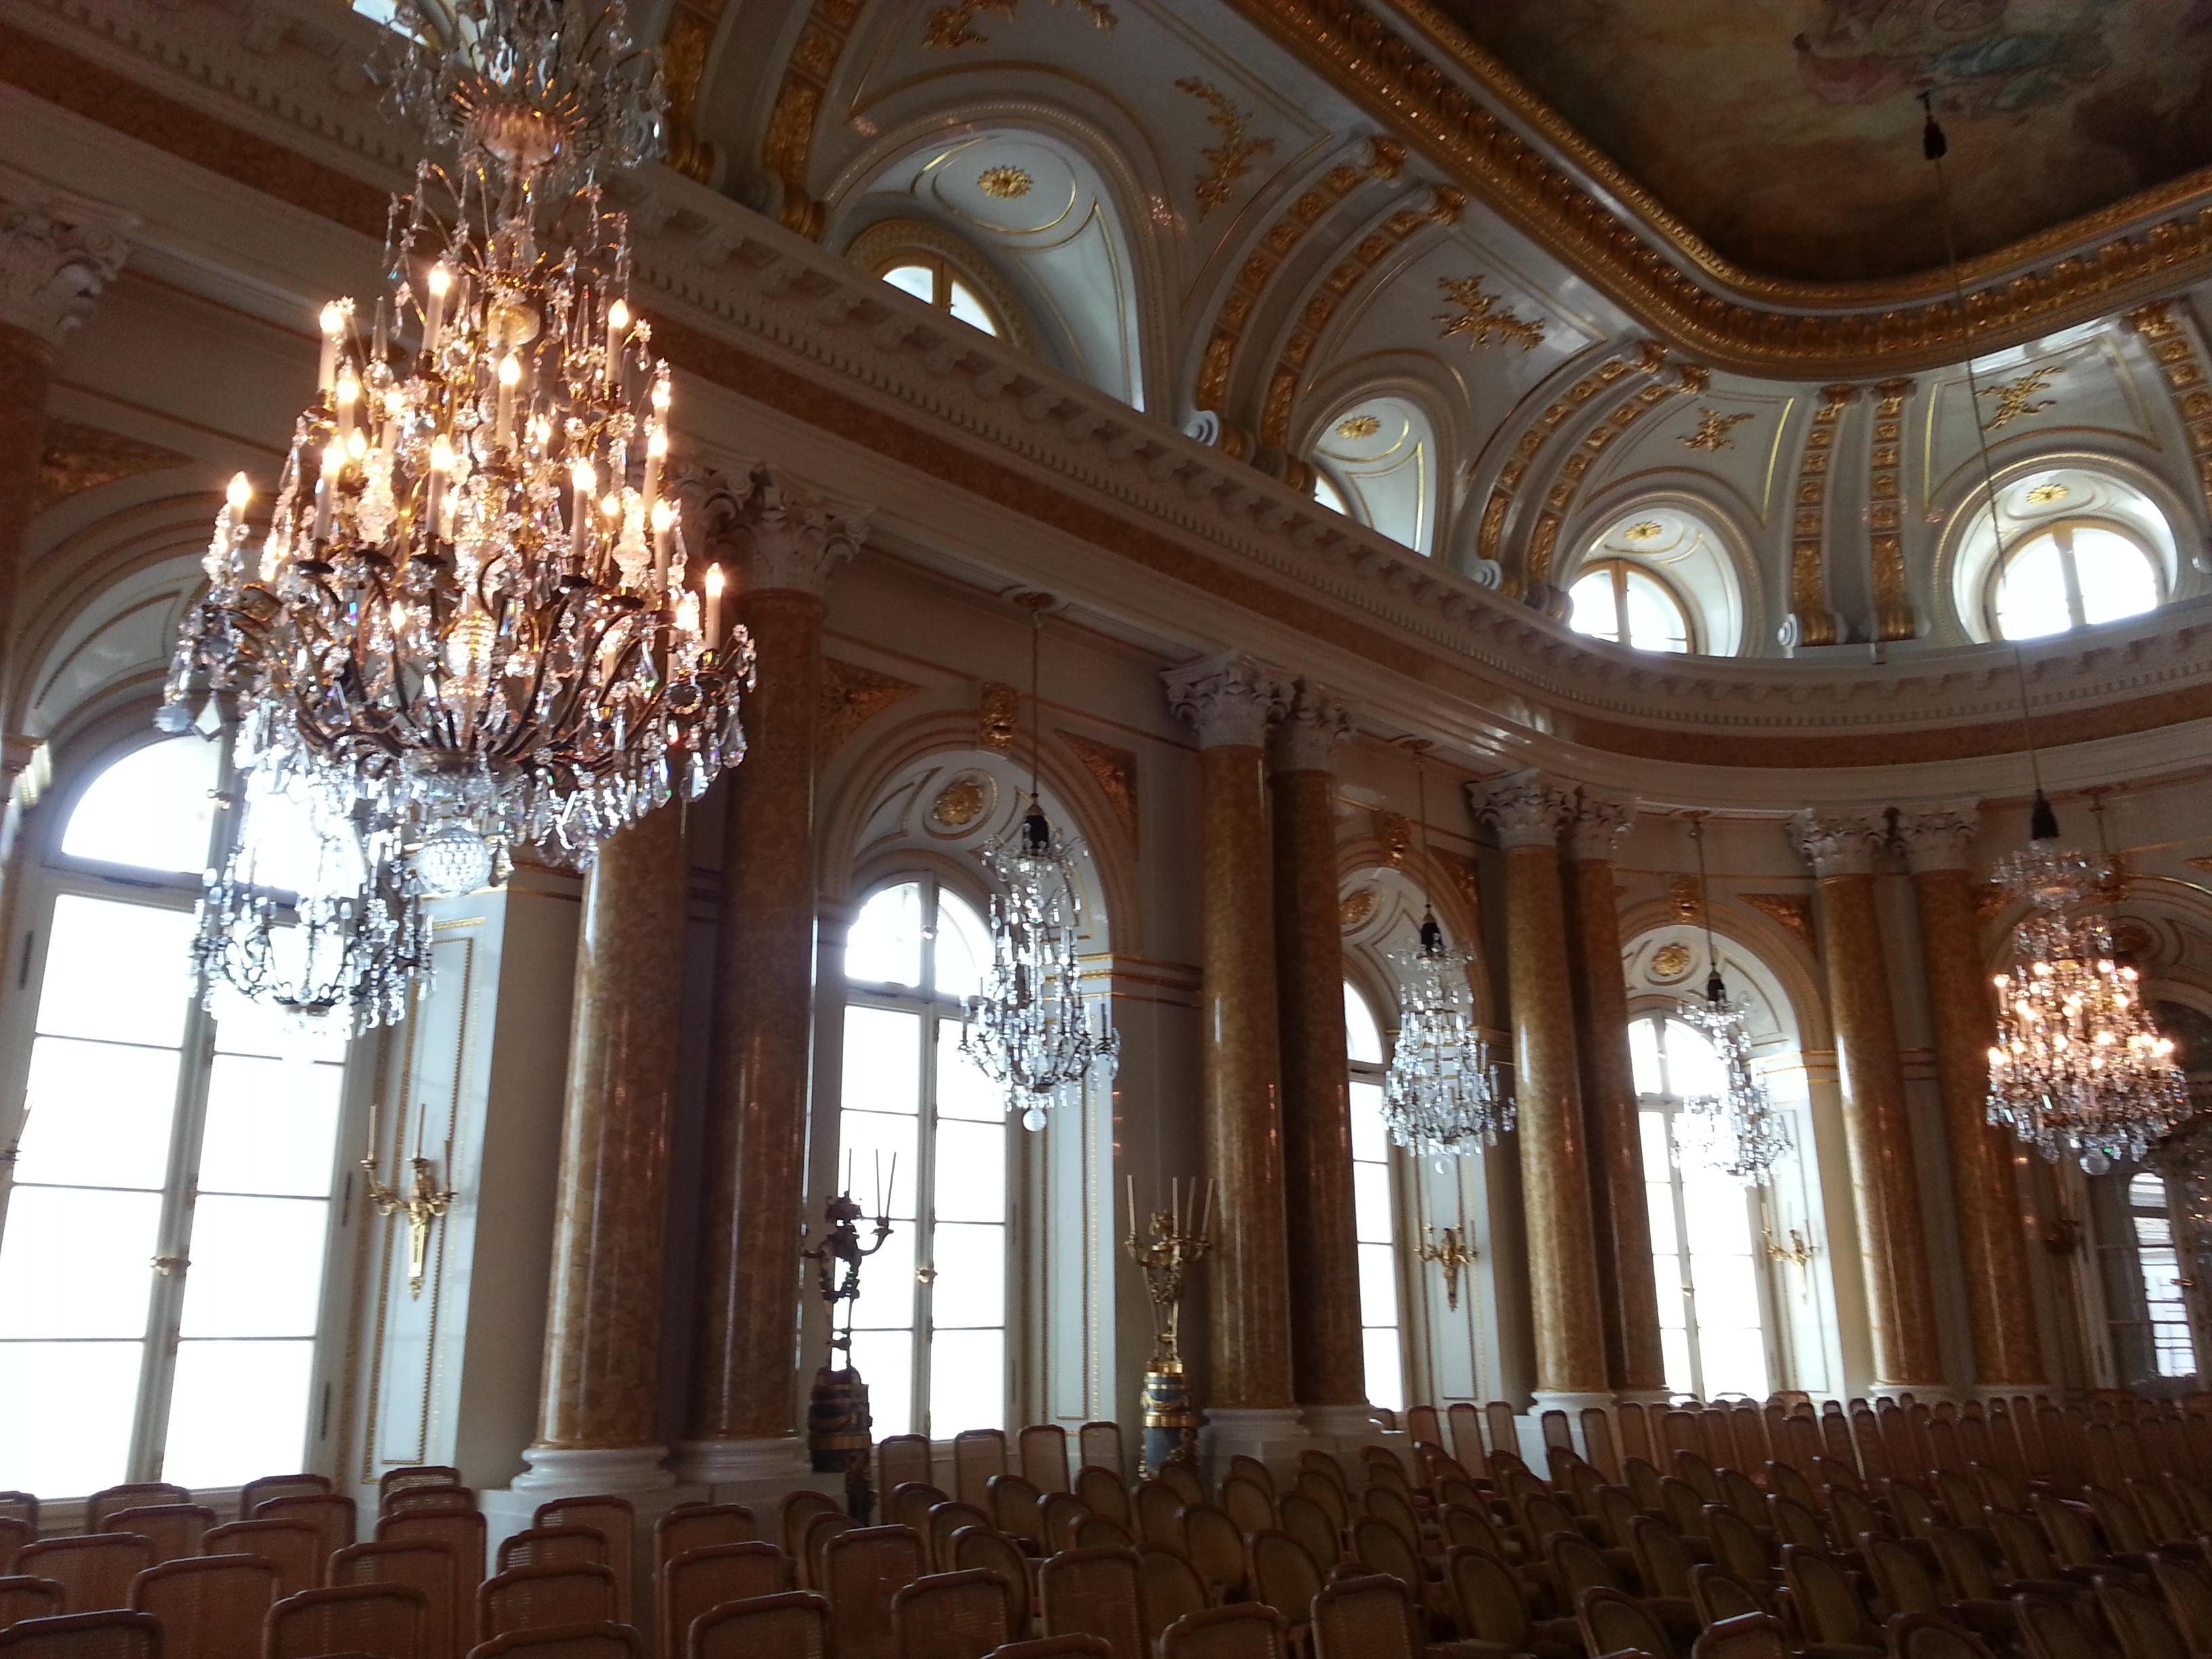 今日主要是进皇宫的内部博物馆图片